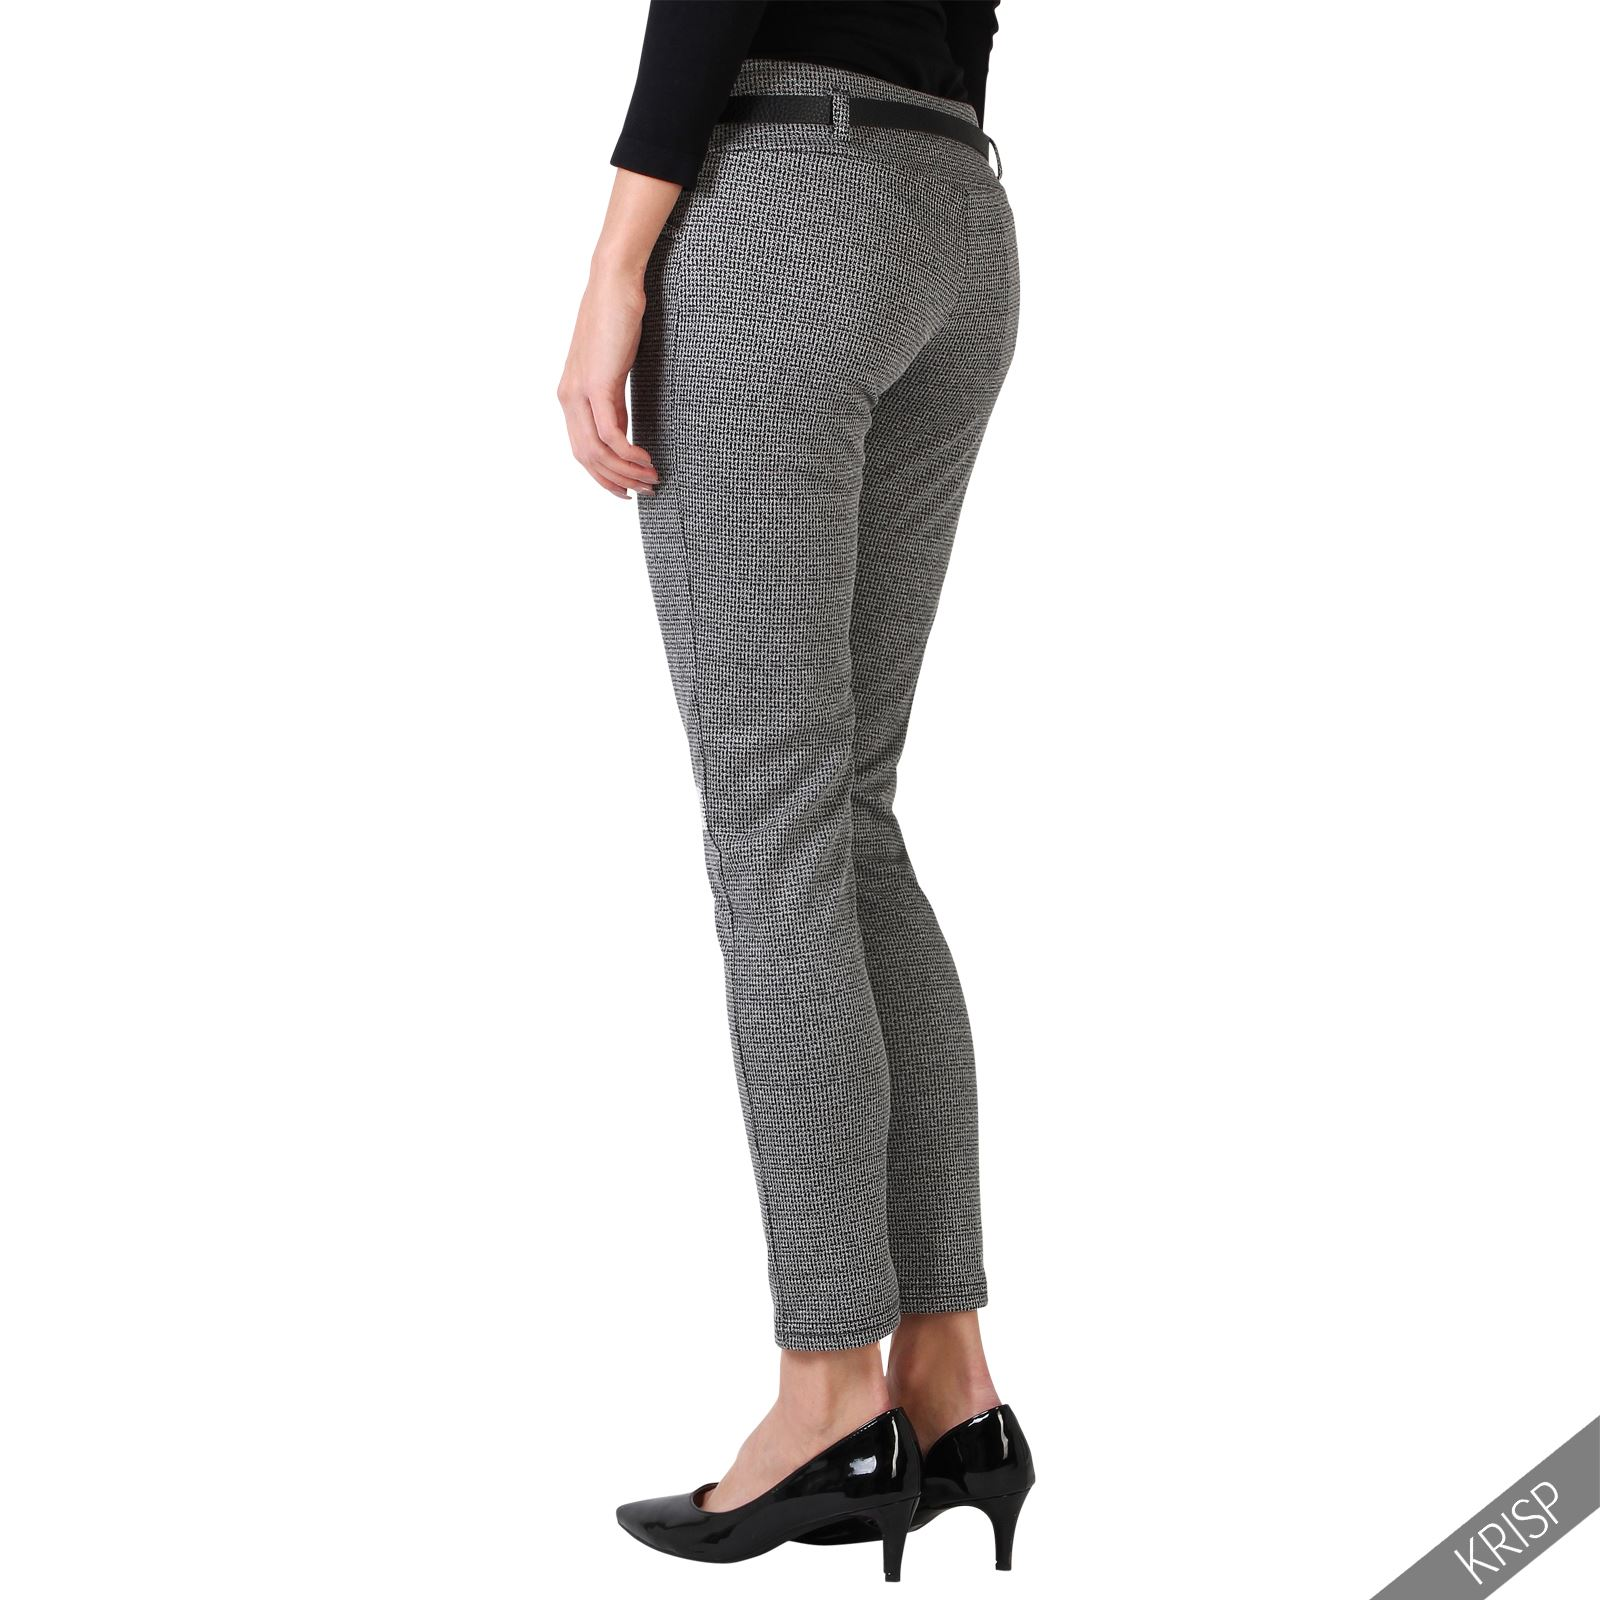 femmes ensemble veste blazer pantalon cigarette pince tailleur jegging cintr ebay. Black Bedroom Furniture Sets. Home Design Ideas